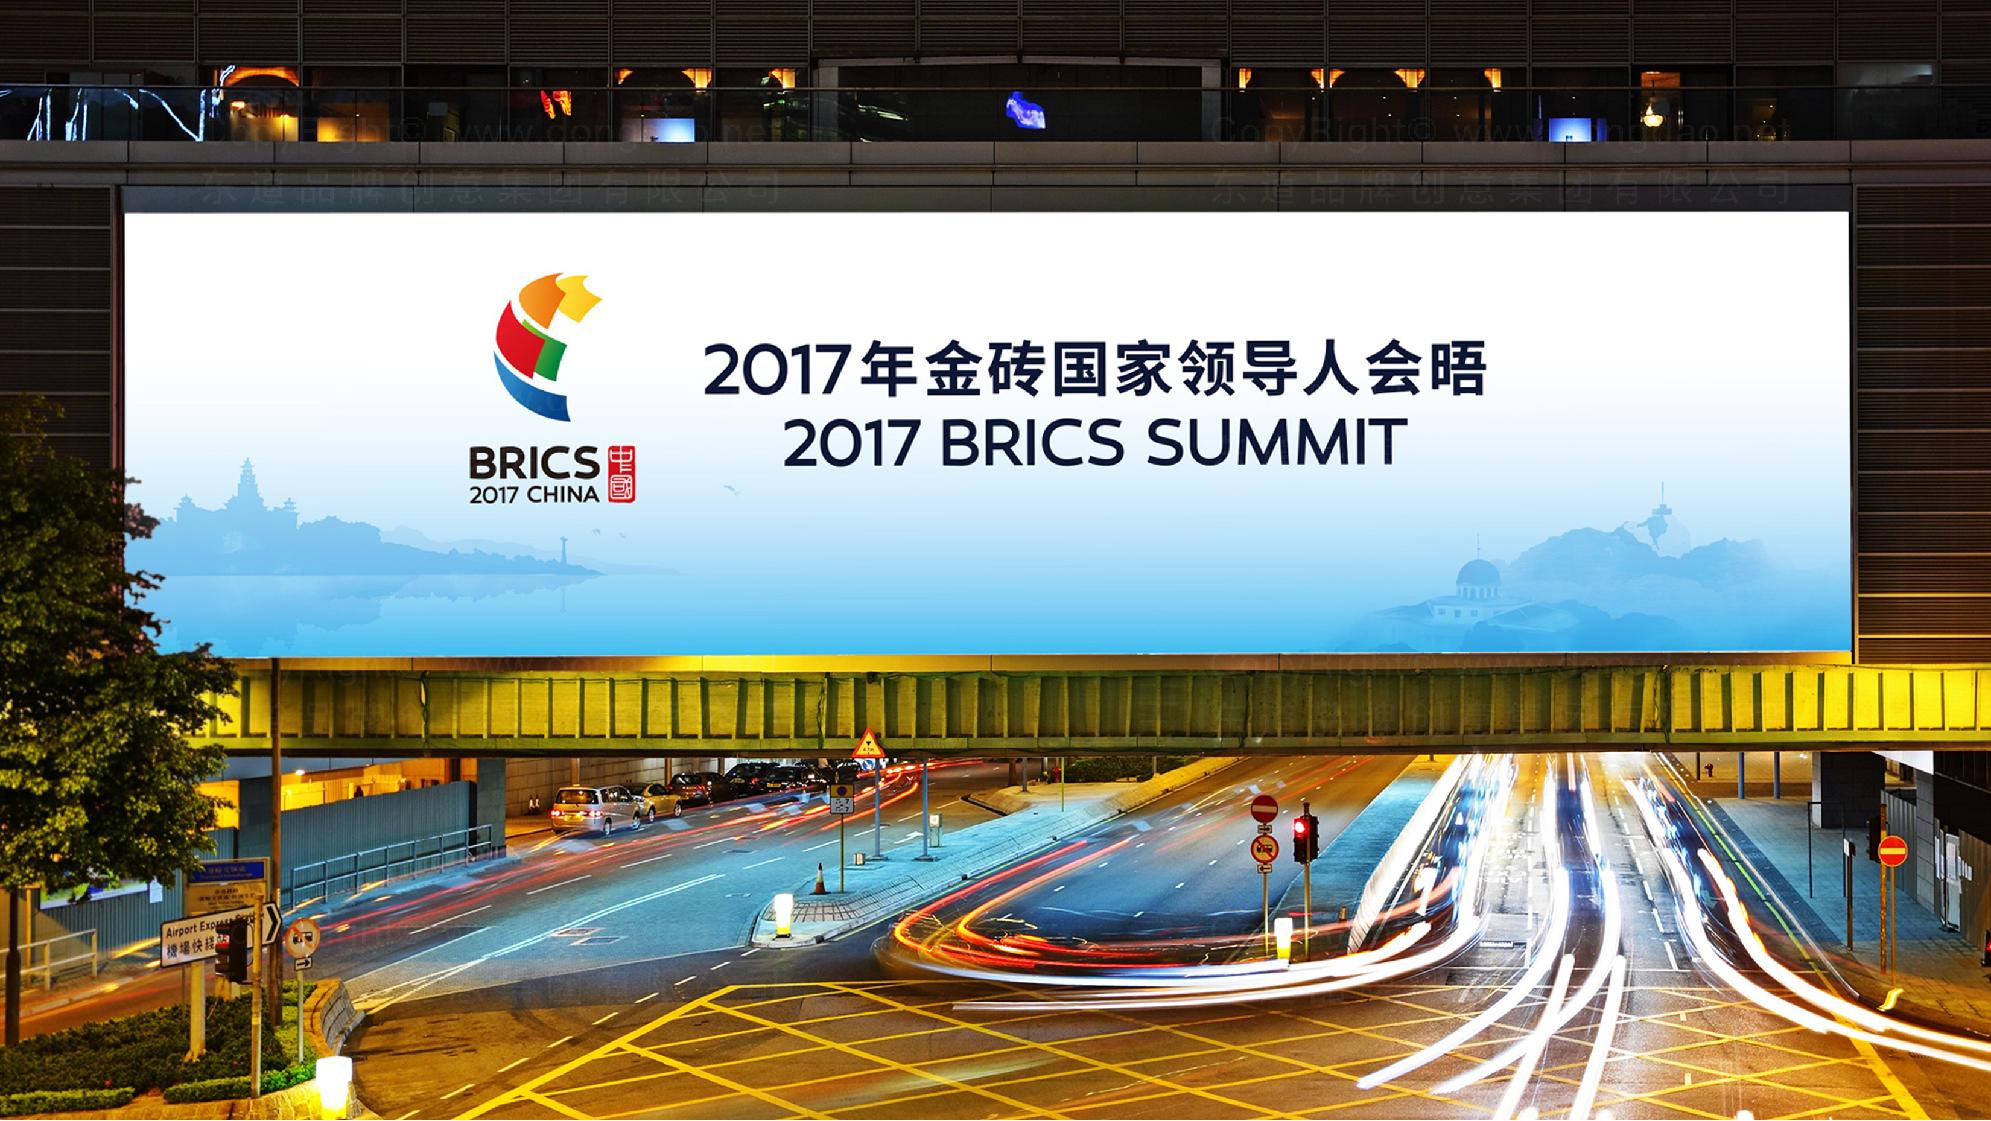 金砖峰会2017logo设计应用场景_5